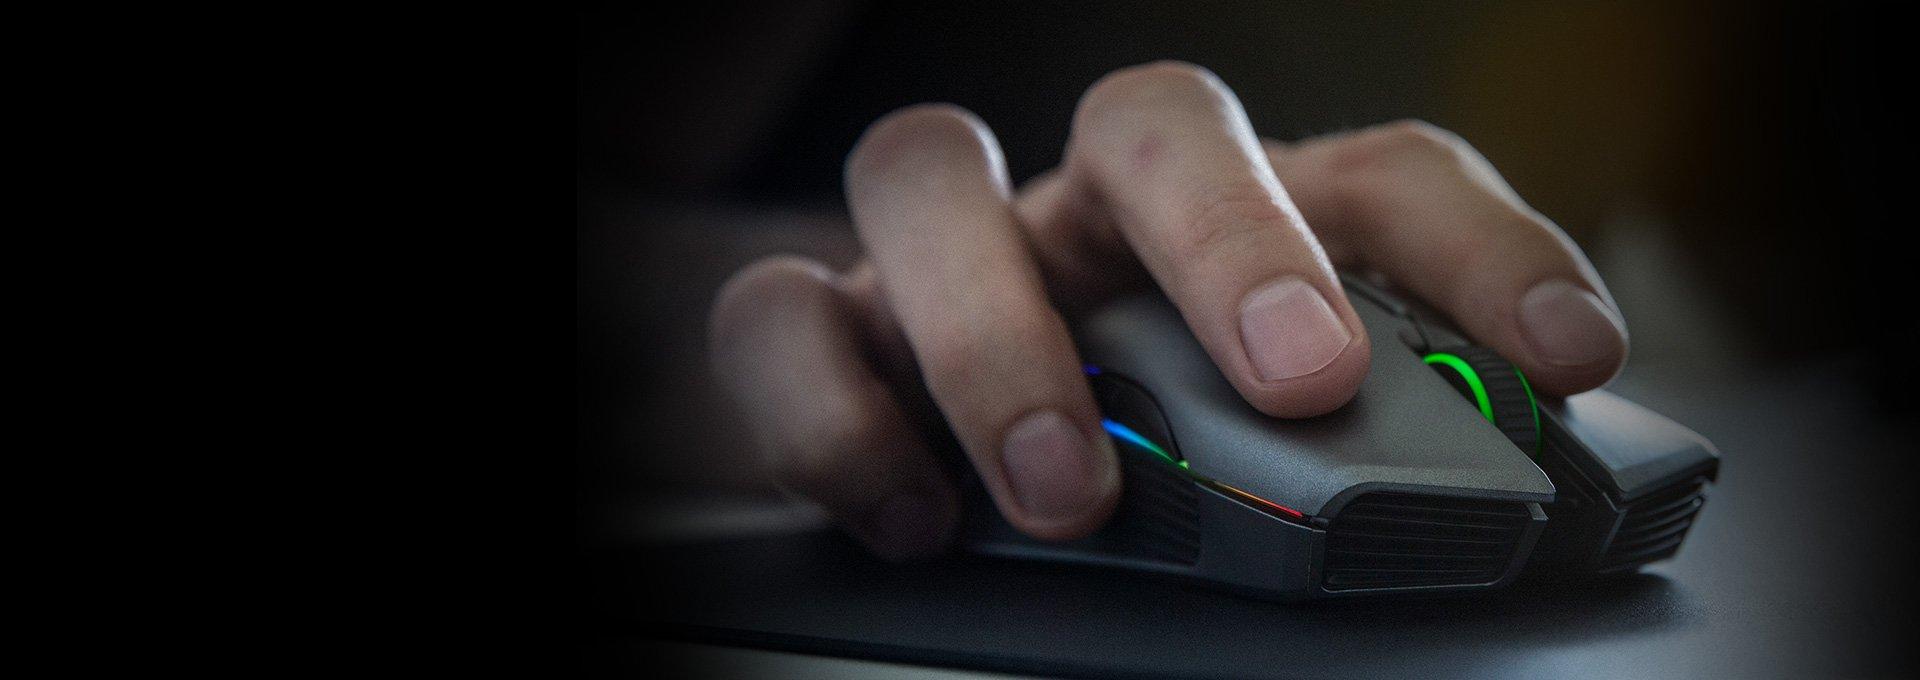 Chuột chơi game Razer Lancehead Wireless có hiệu năng chơi game cao cấp